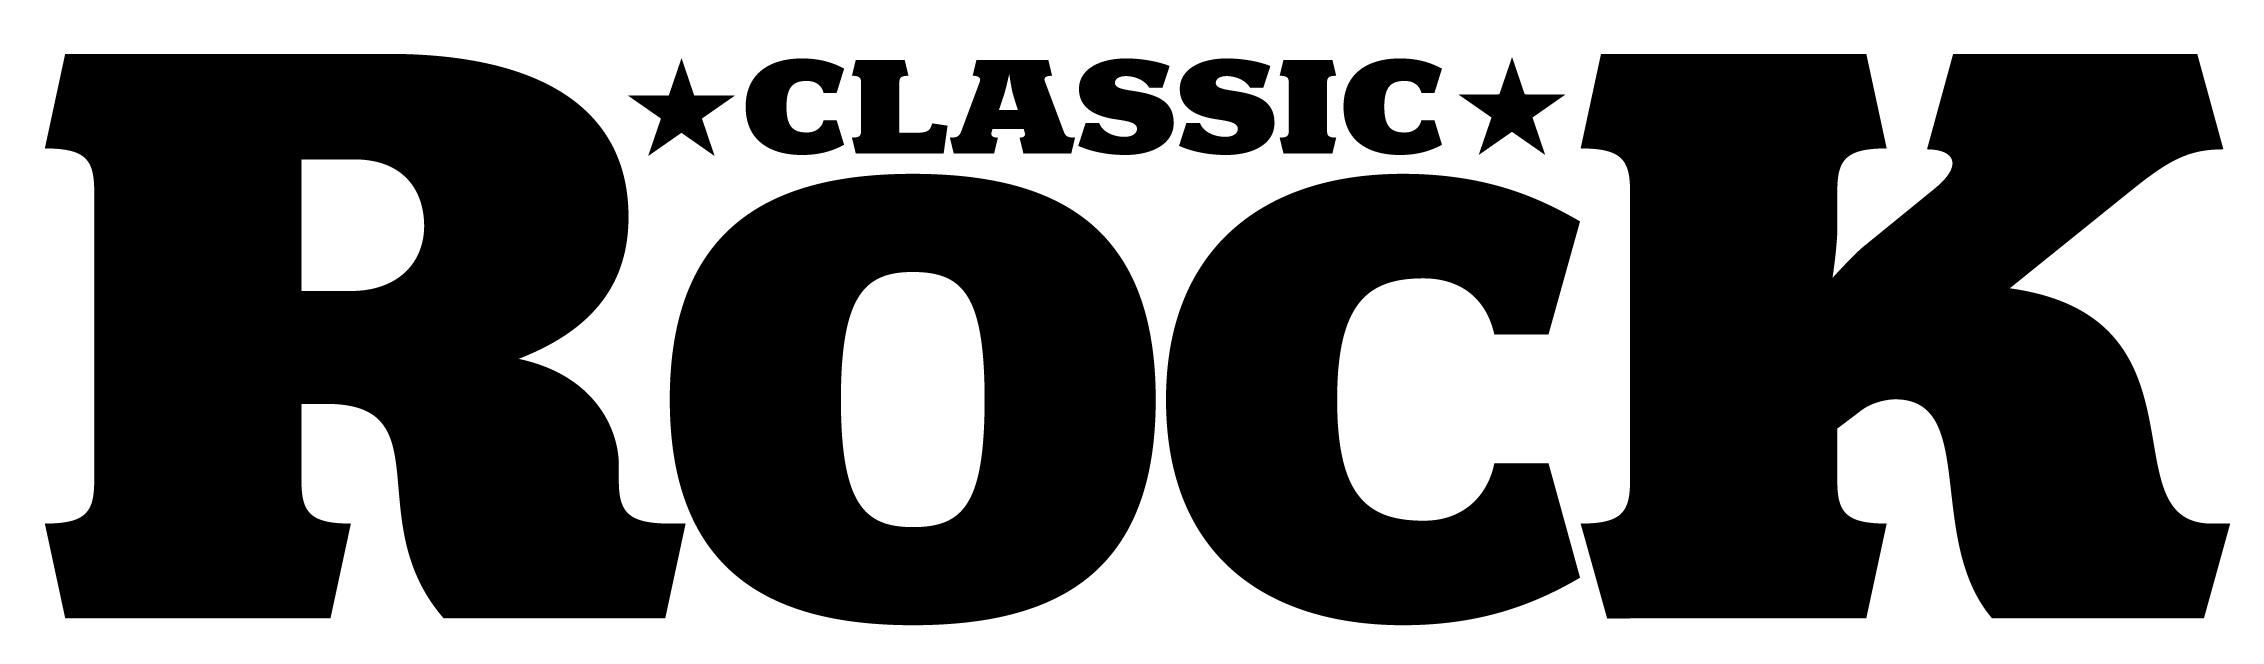 Bildergebnis für fotos vom logo des magazins classic rock